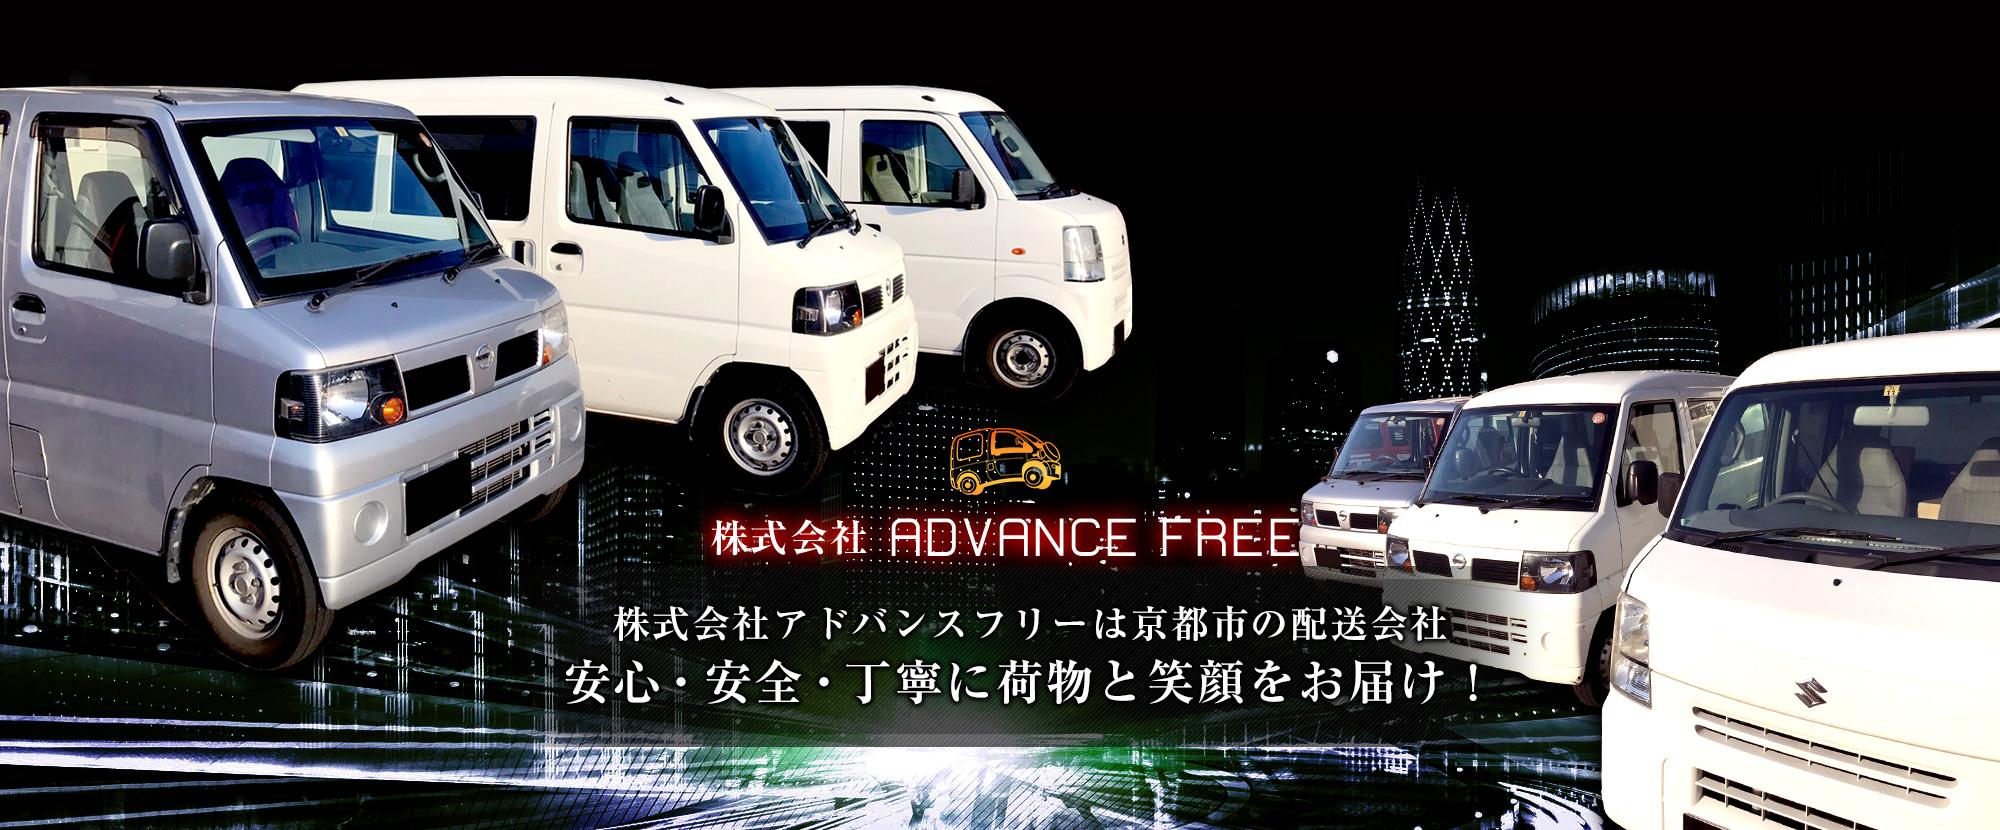 株式会社アドバンスフリーは京都市の配送会社 安心・安全・丁寧に荷物と笑顔をお届け!